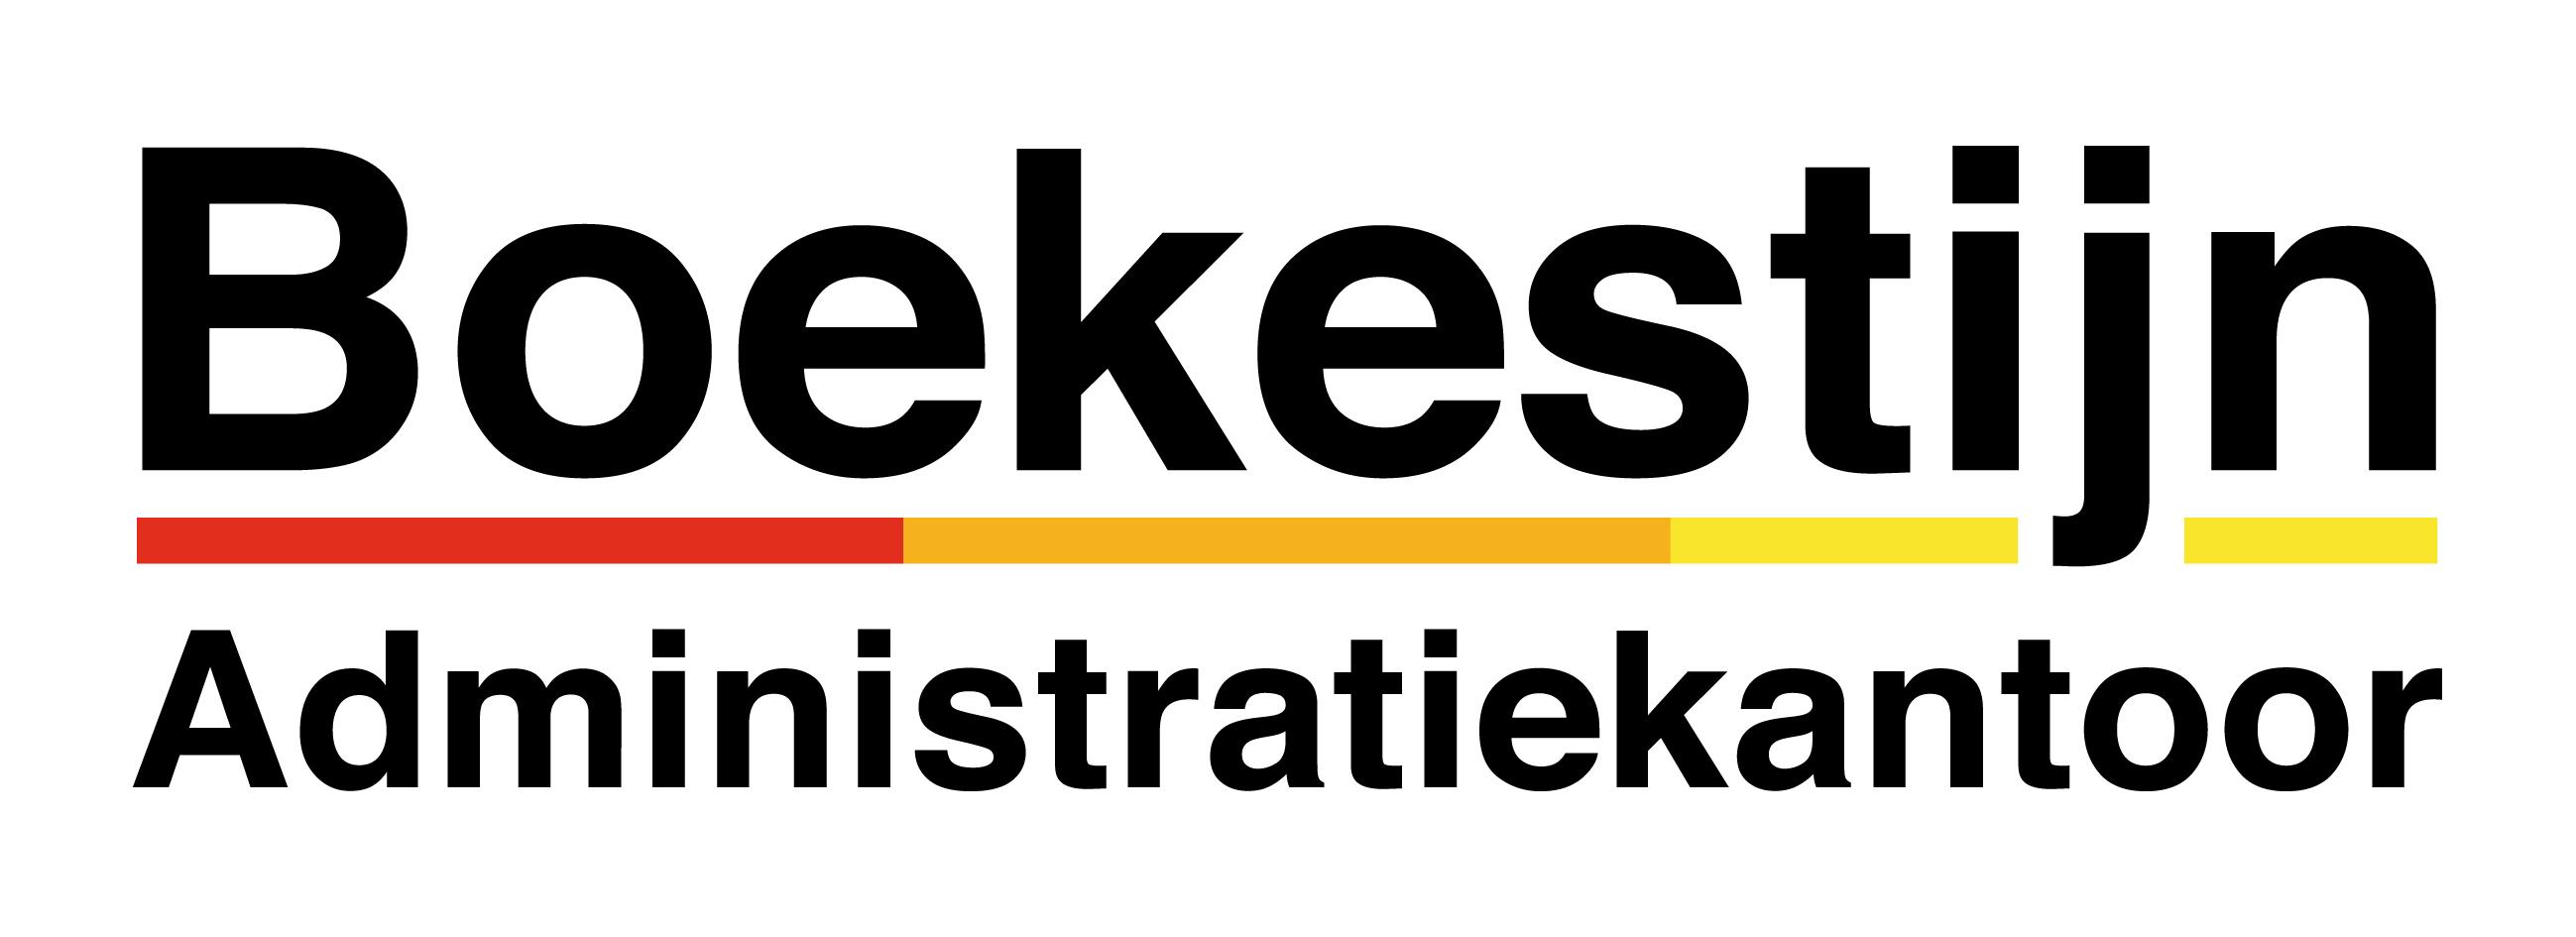 Logo Boekestijn Administratiekantoor